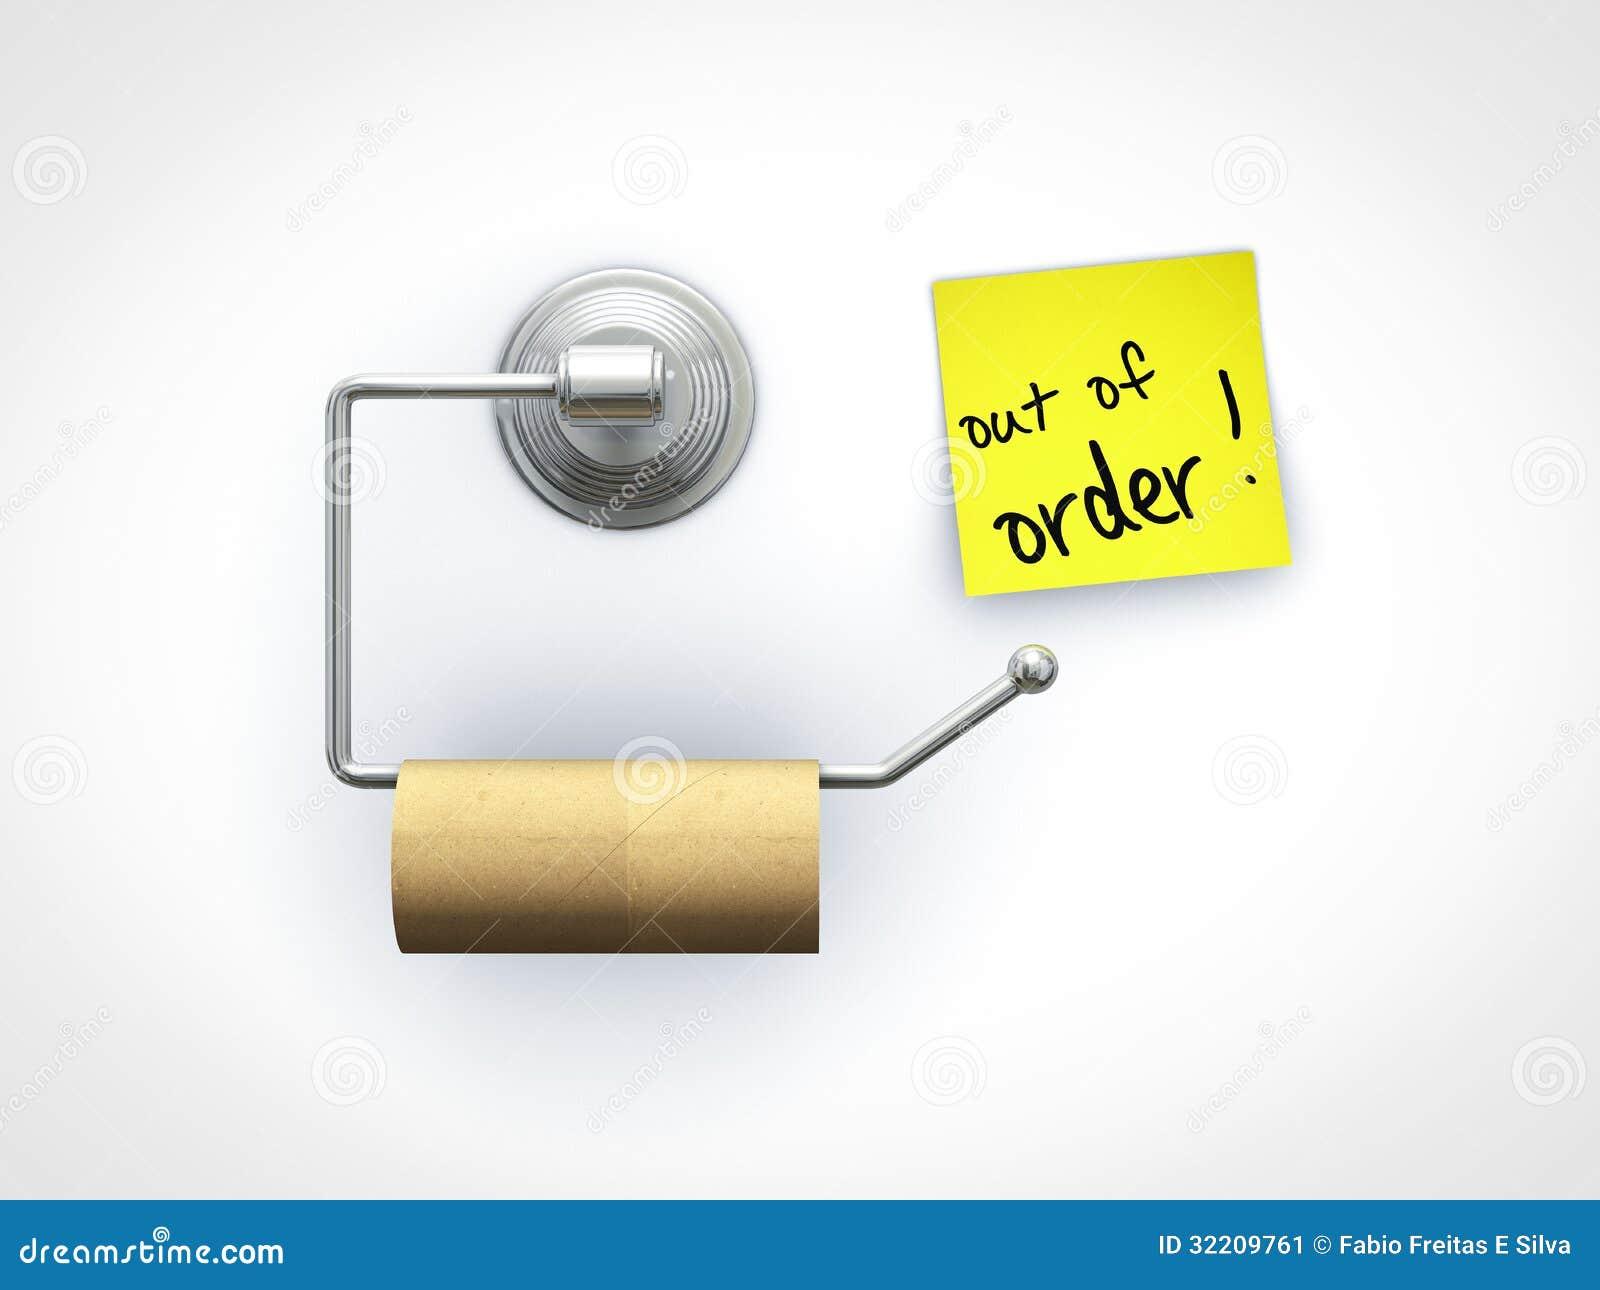 management paper project term